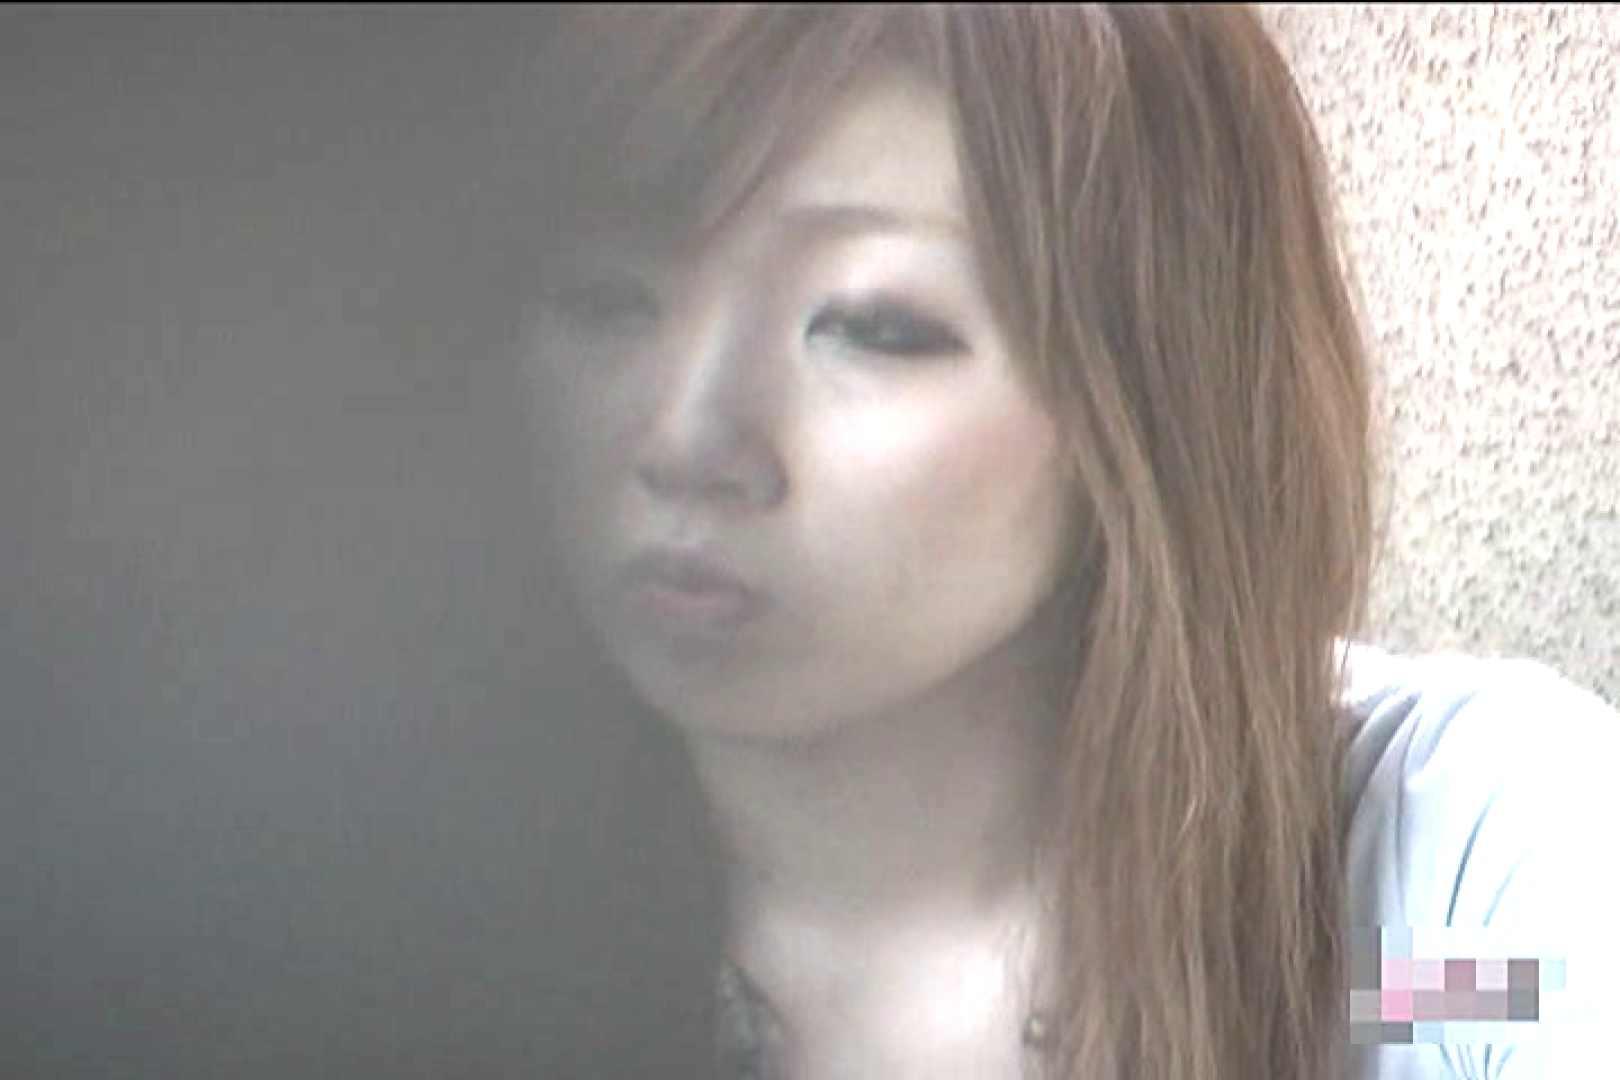 マンチラインパクトVol.7 小悪魔ギャル AV無料動画キャプチャ 79連発 47